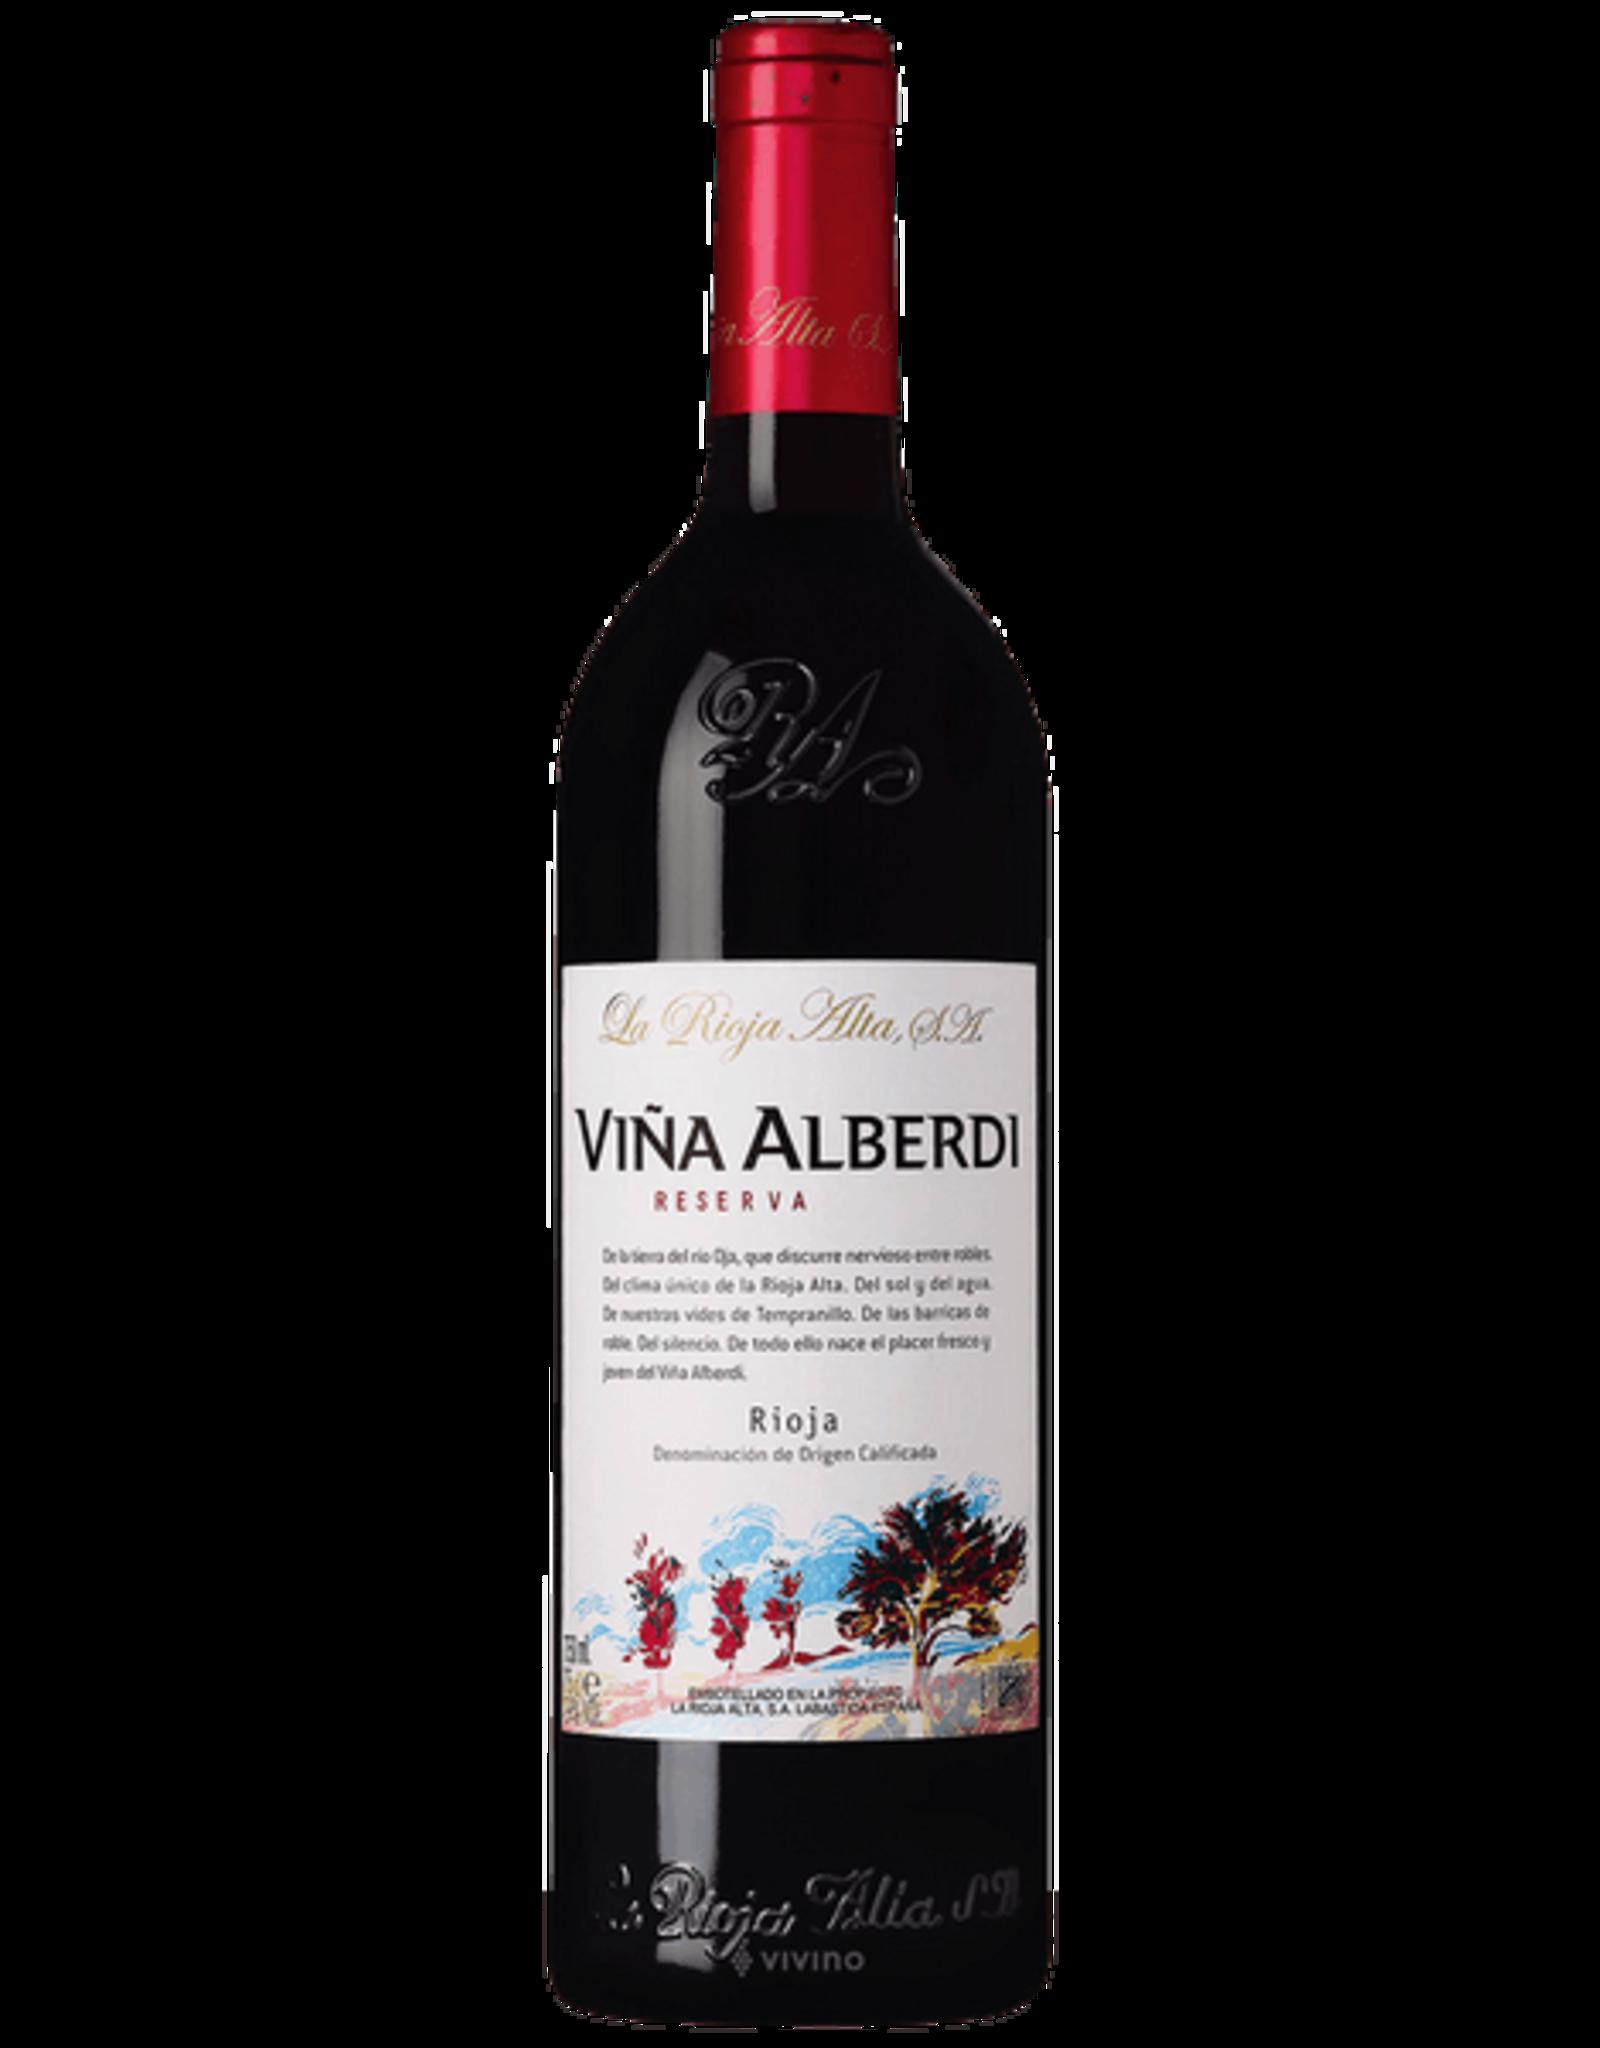 La Rioja Vina Alberdi 2015